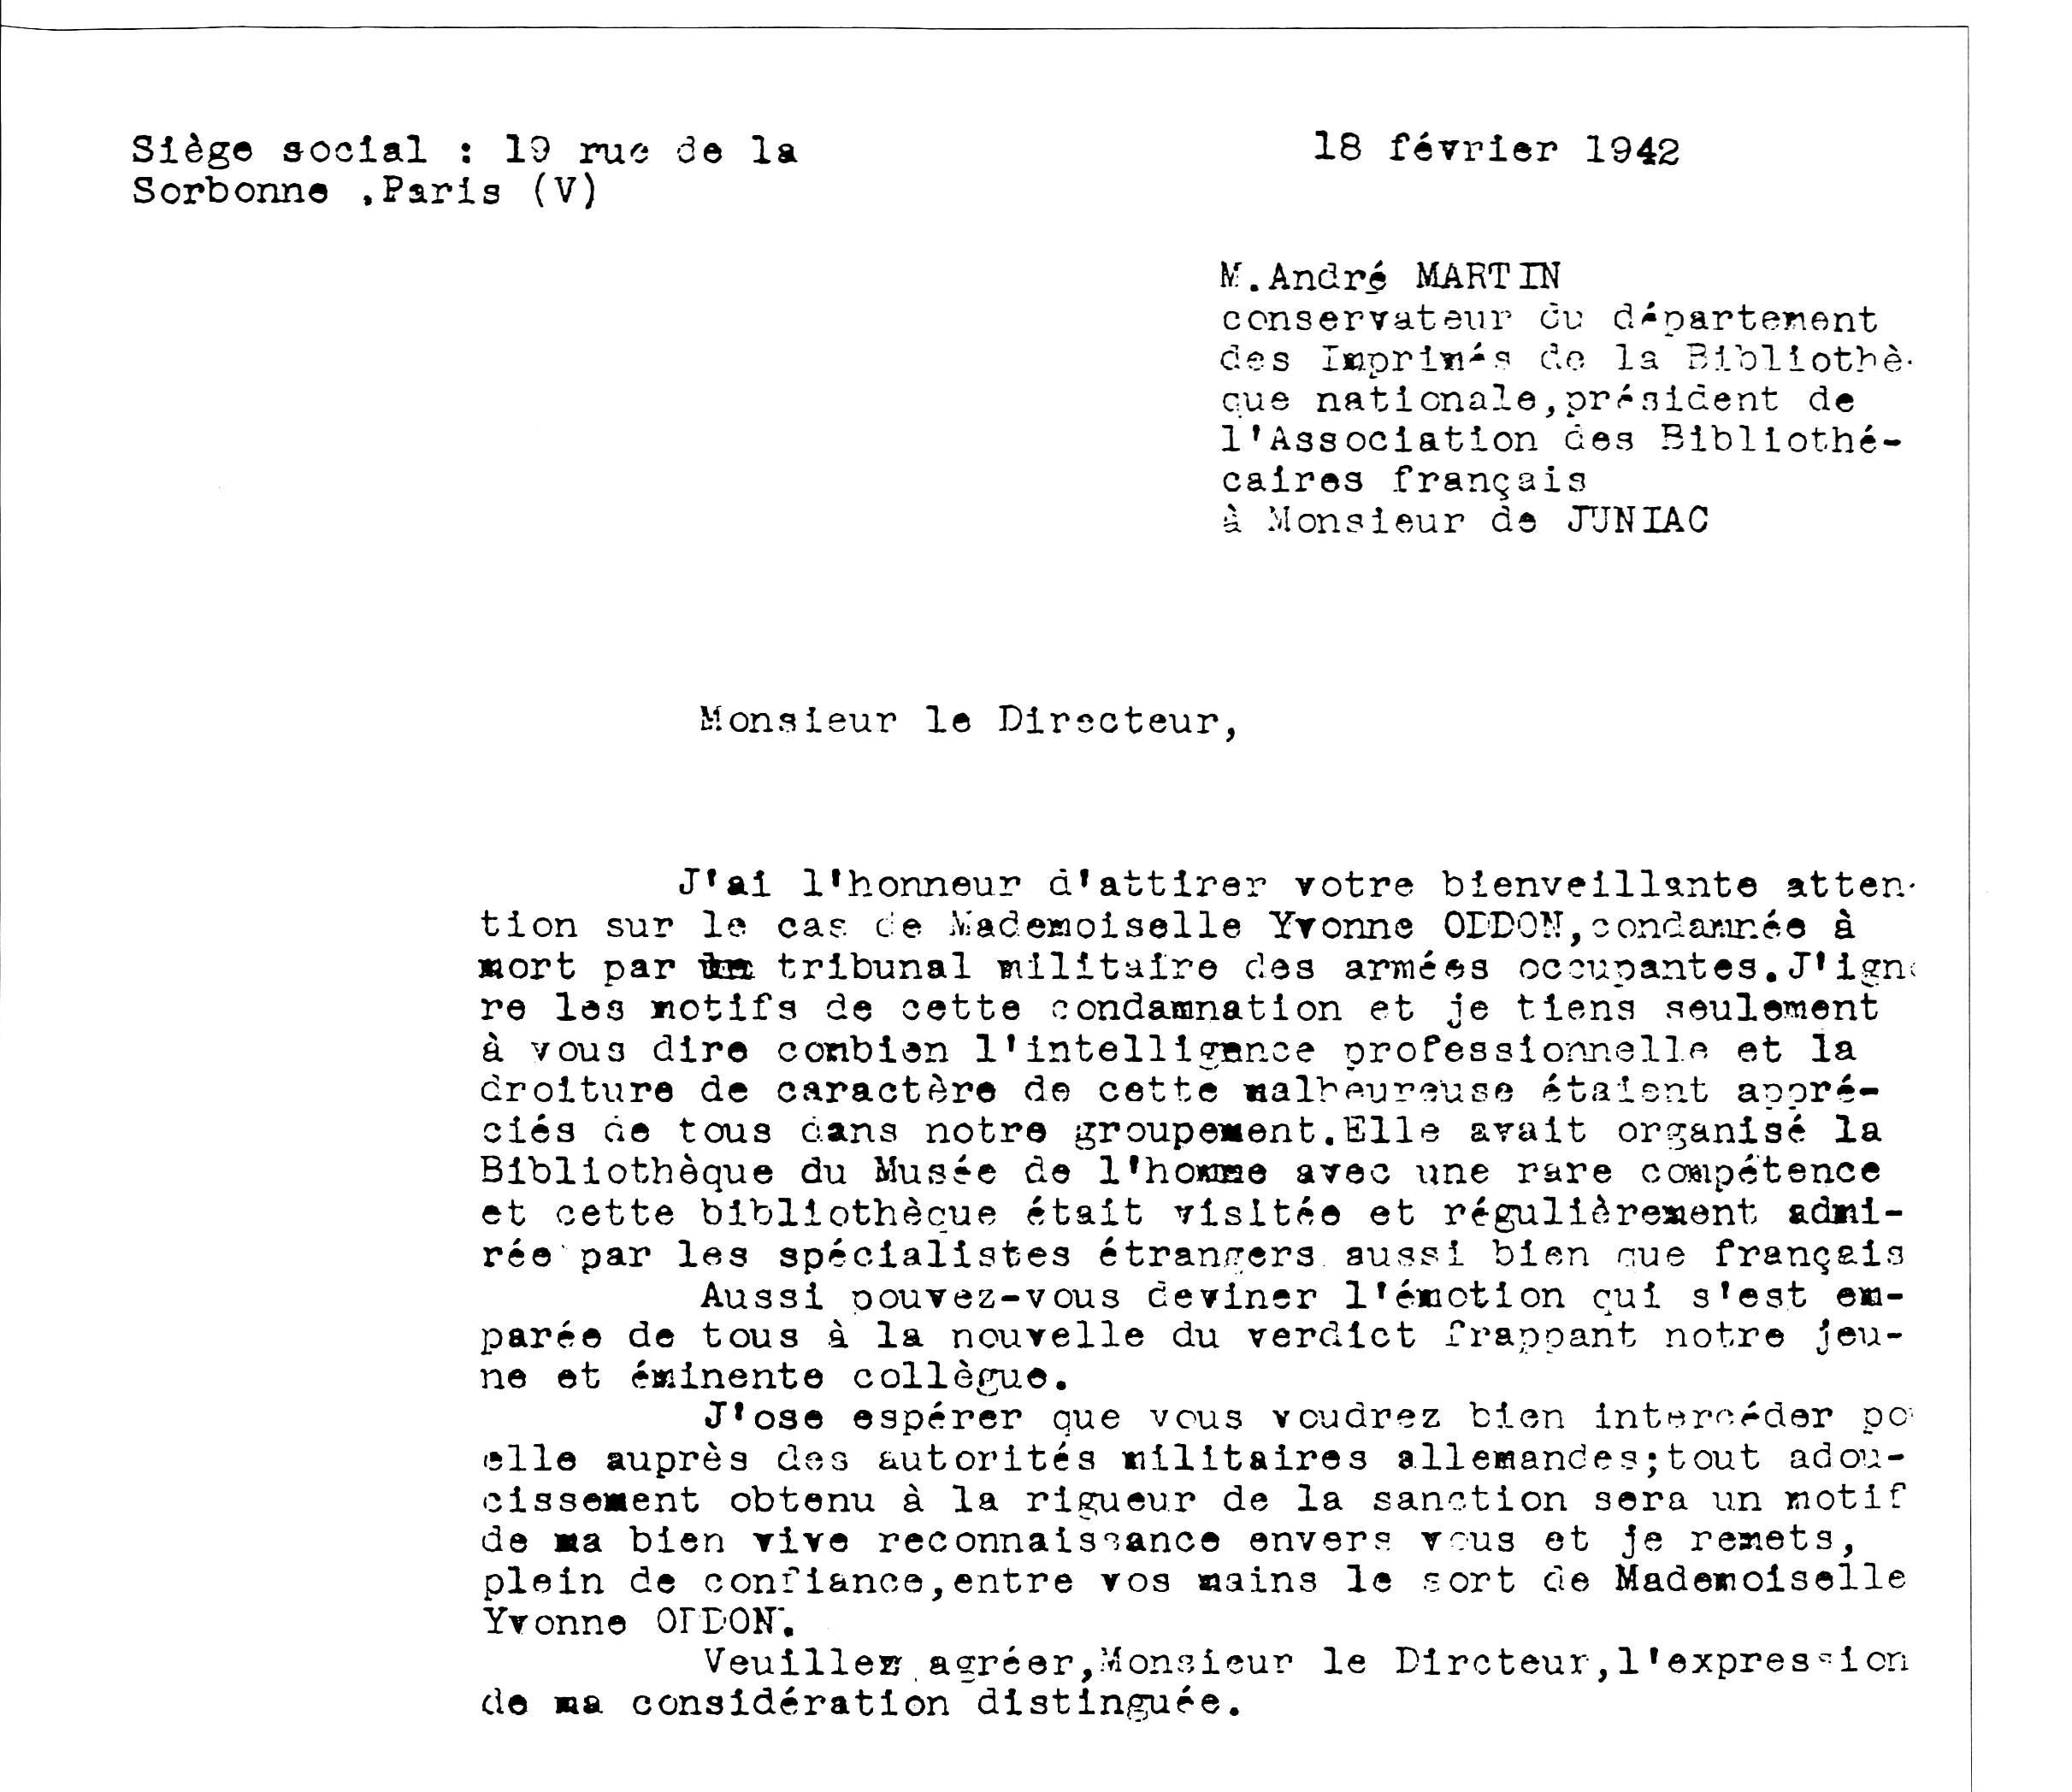 Exemplaire De Lettre De Demande D Emploi Pdf - Template ...